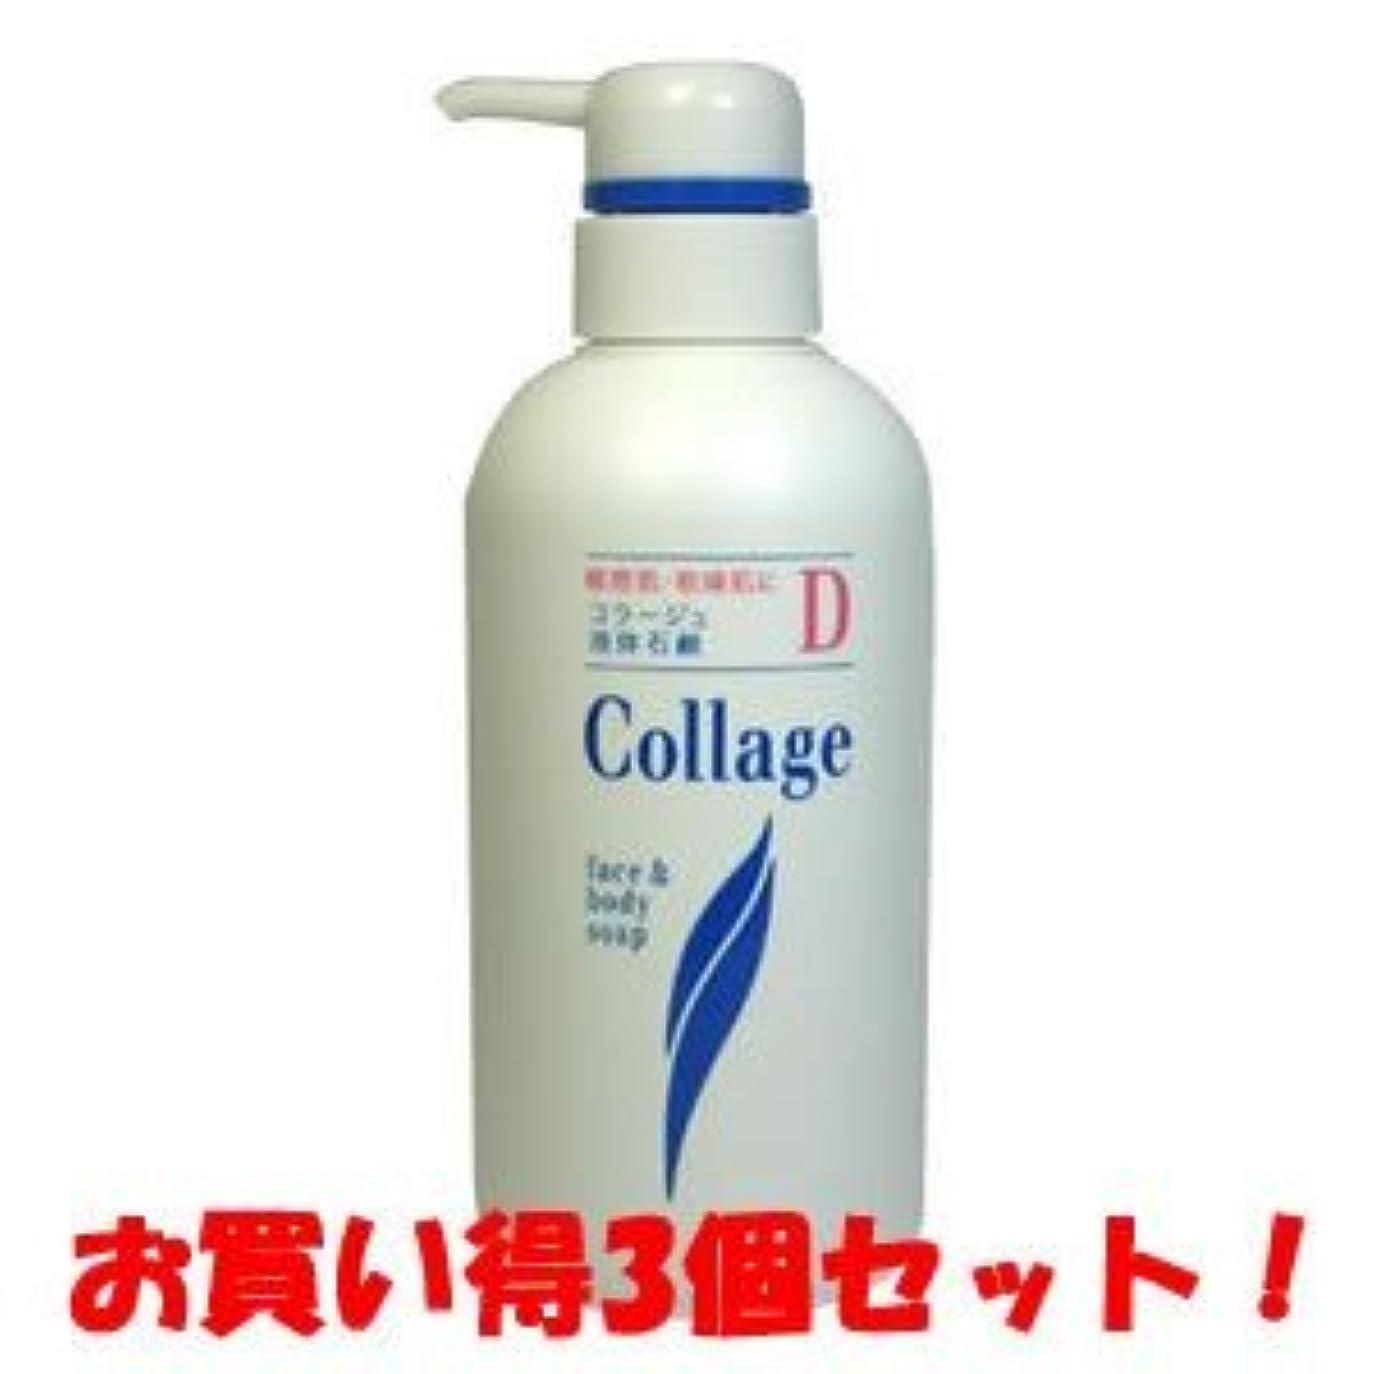 もつれ適用済みニュージーランド(持田ヘルスケア)コラージュD 液体石鹸 敏感肌?乾燥肌 400ml(お買い得3個セット)